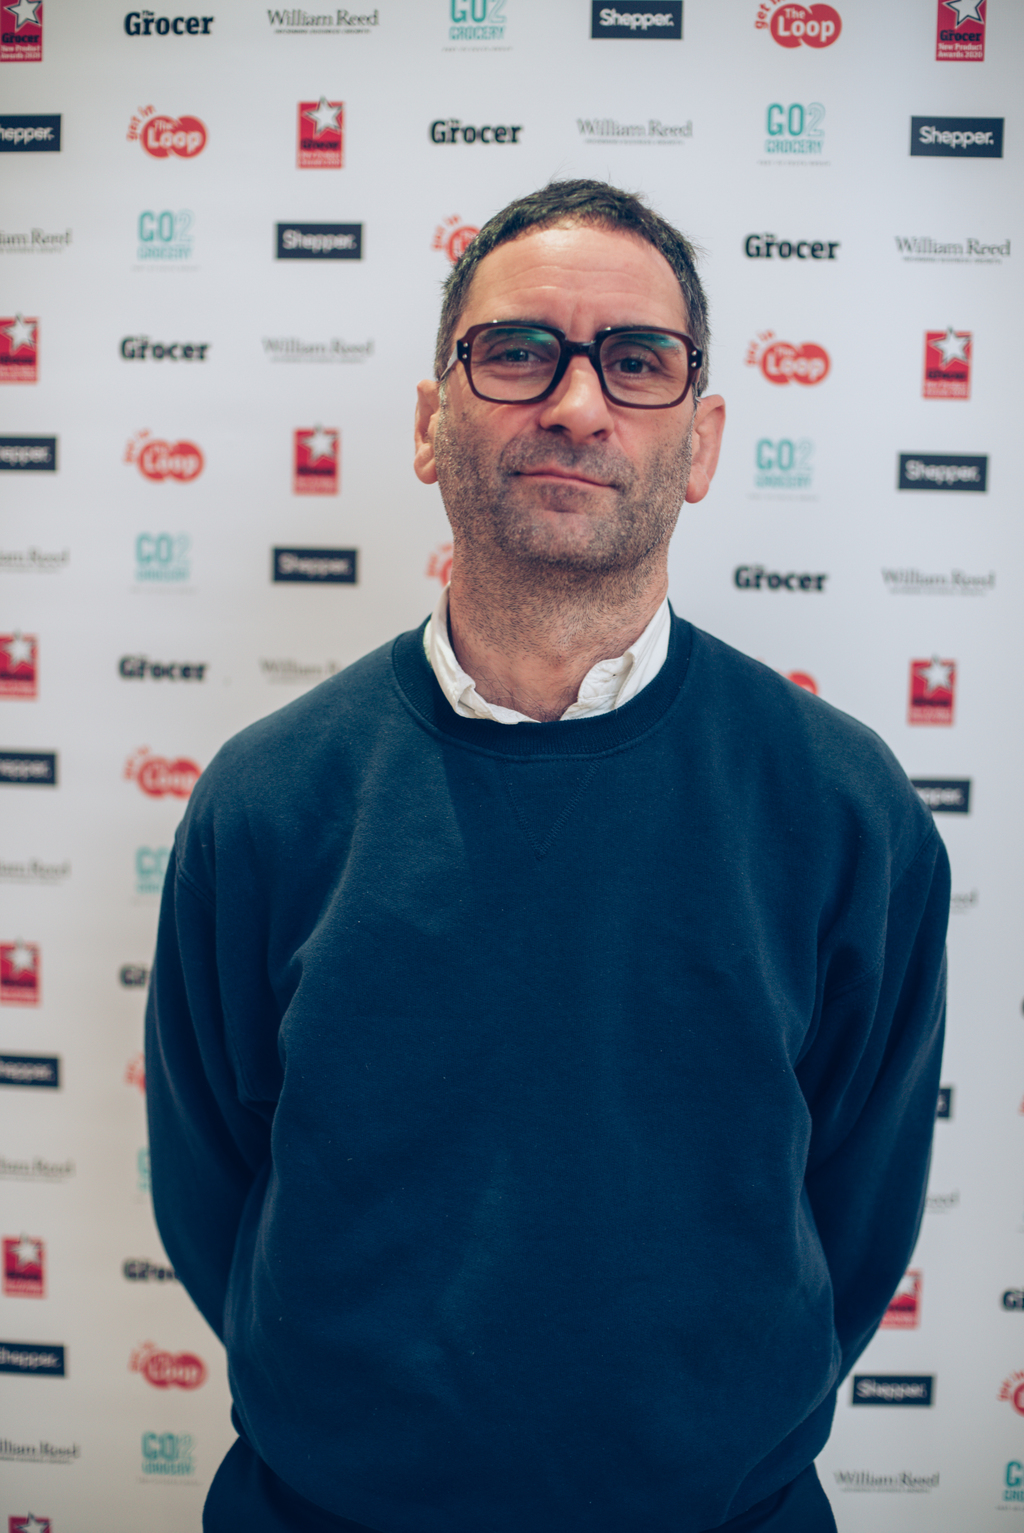 Rupert Leigh